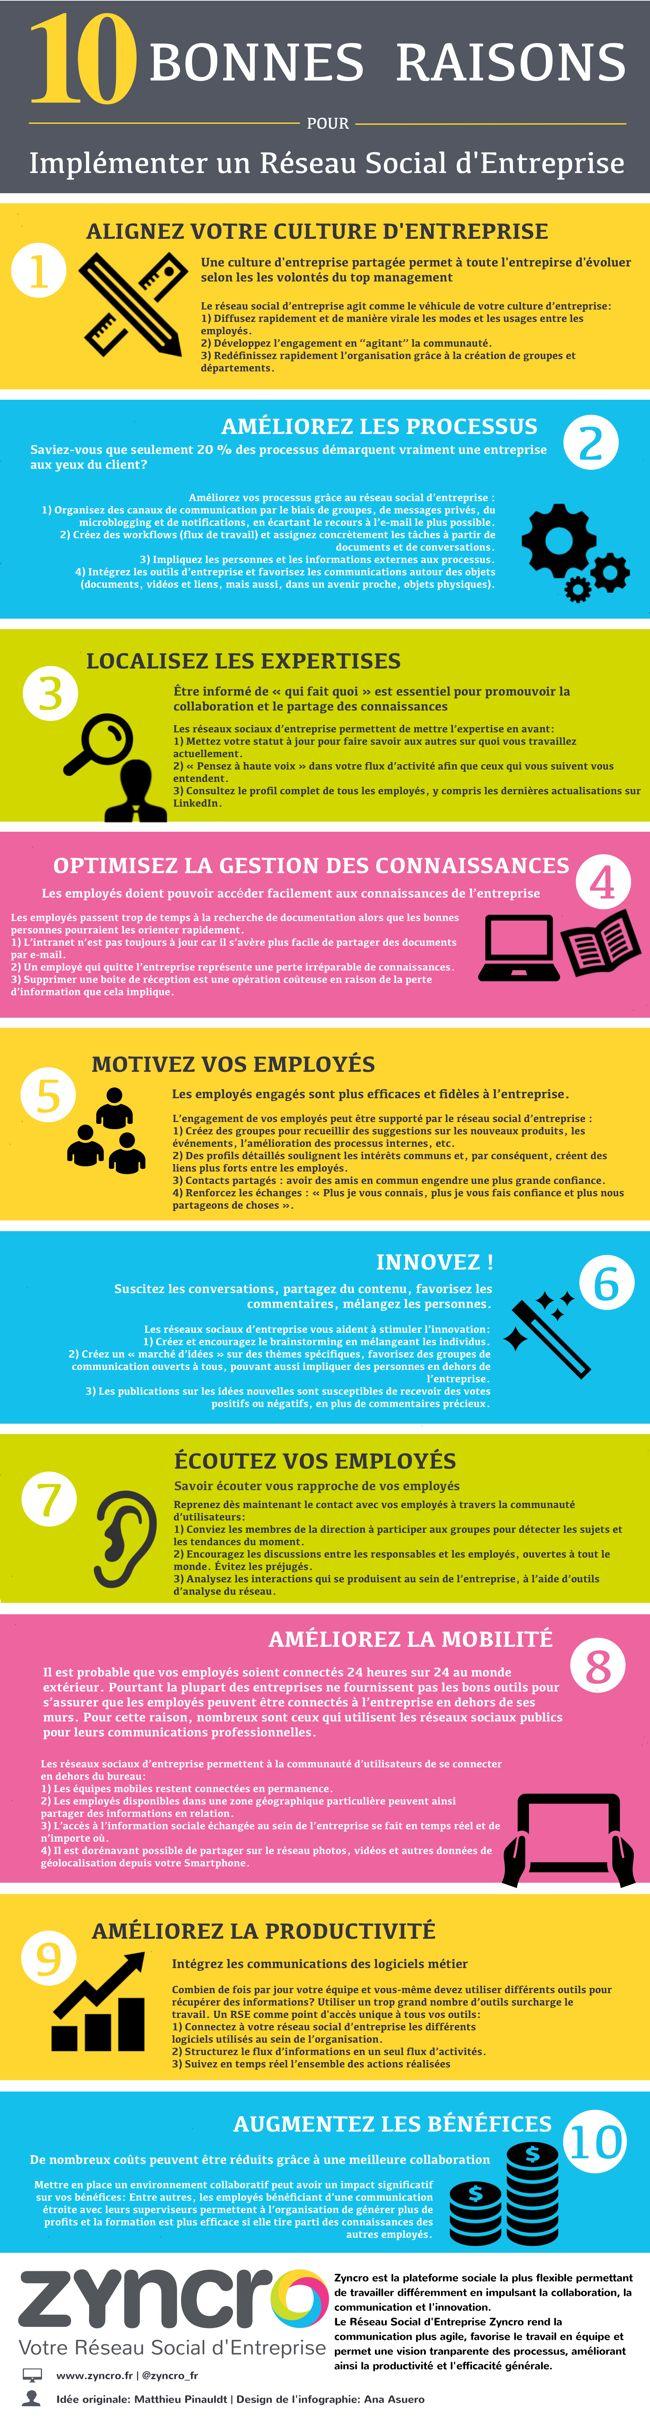 10 bonnes raisons pour implémenter un Réseau Social d'Entreprise - Zyncro Blog France: le blog de l'Entreprise 2.0